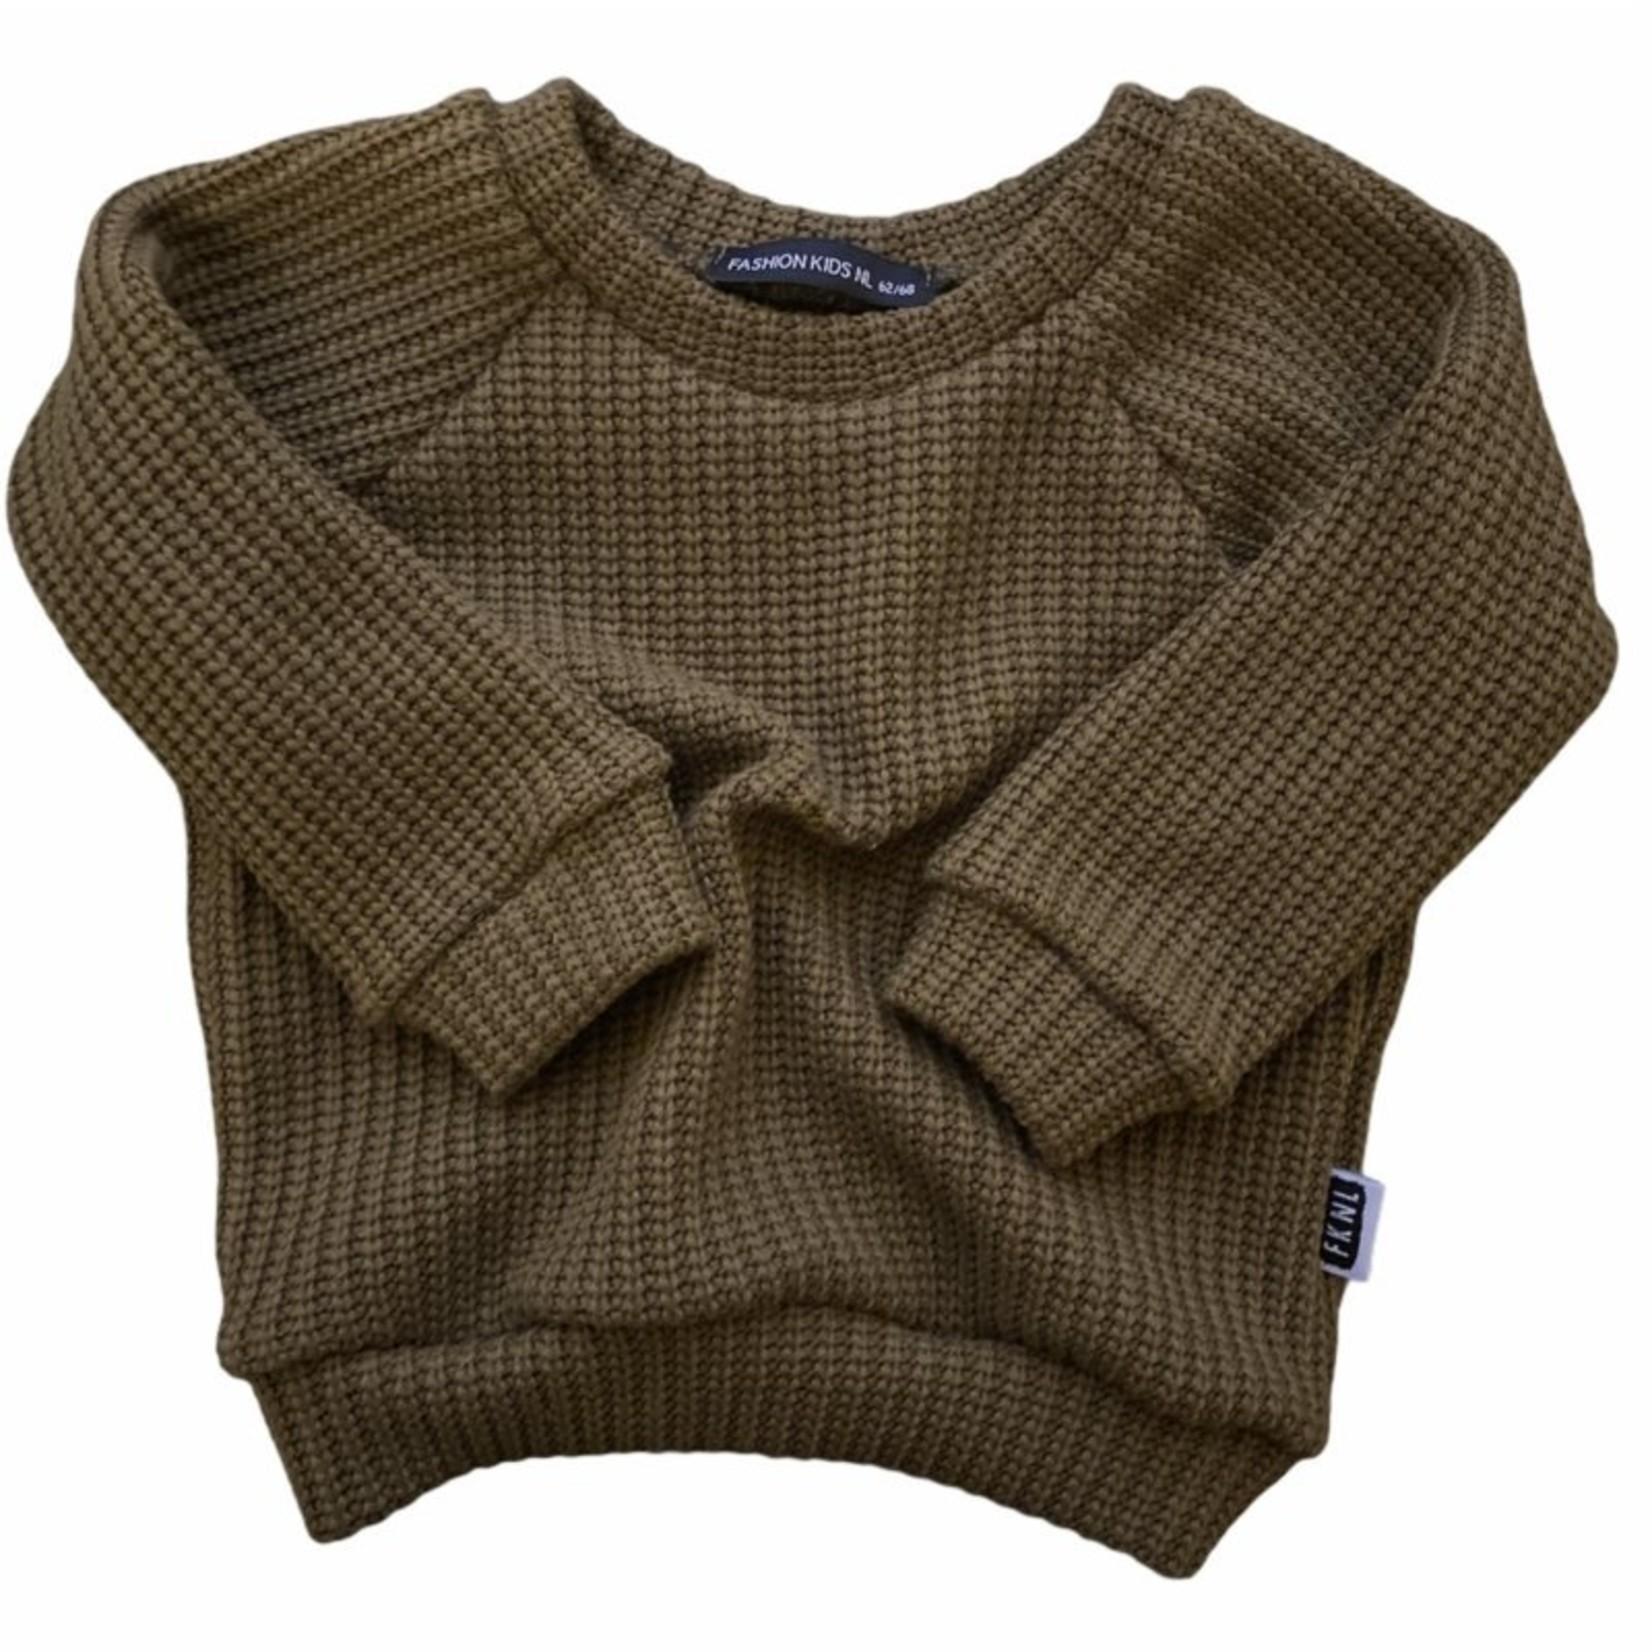 Fashion Kids NL Oversized sweater olijfgroen